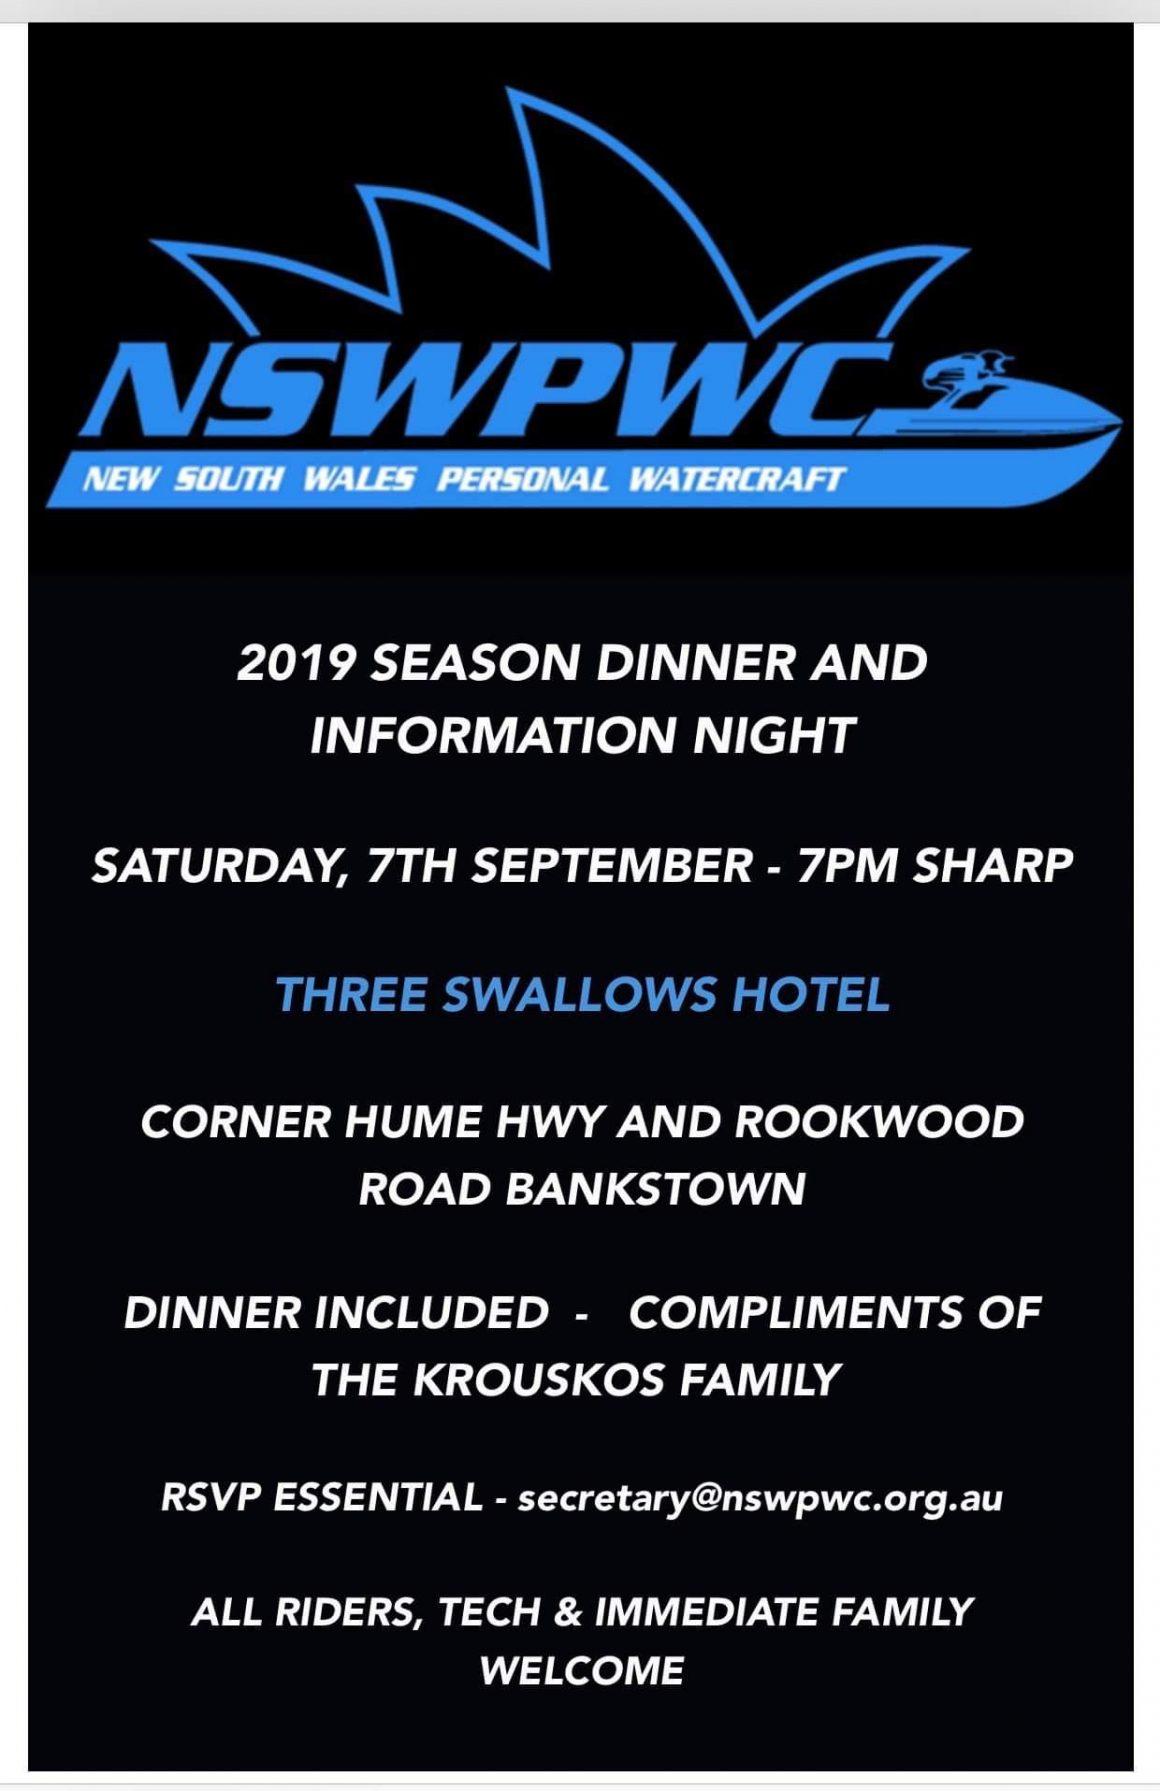 2019/2020 Pre Season Information Night